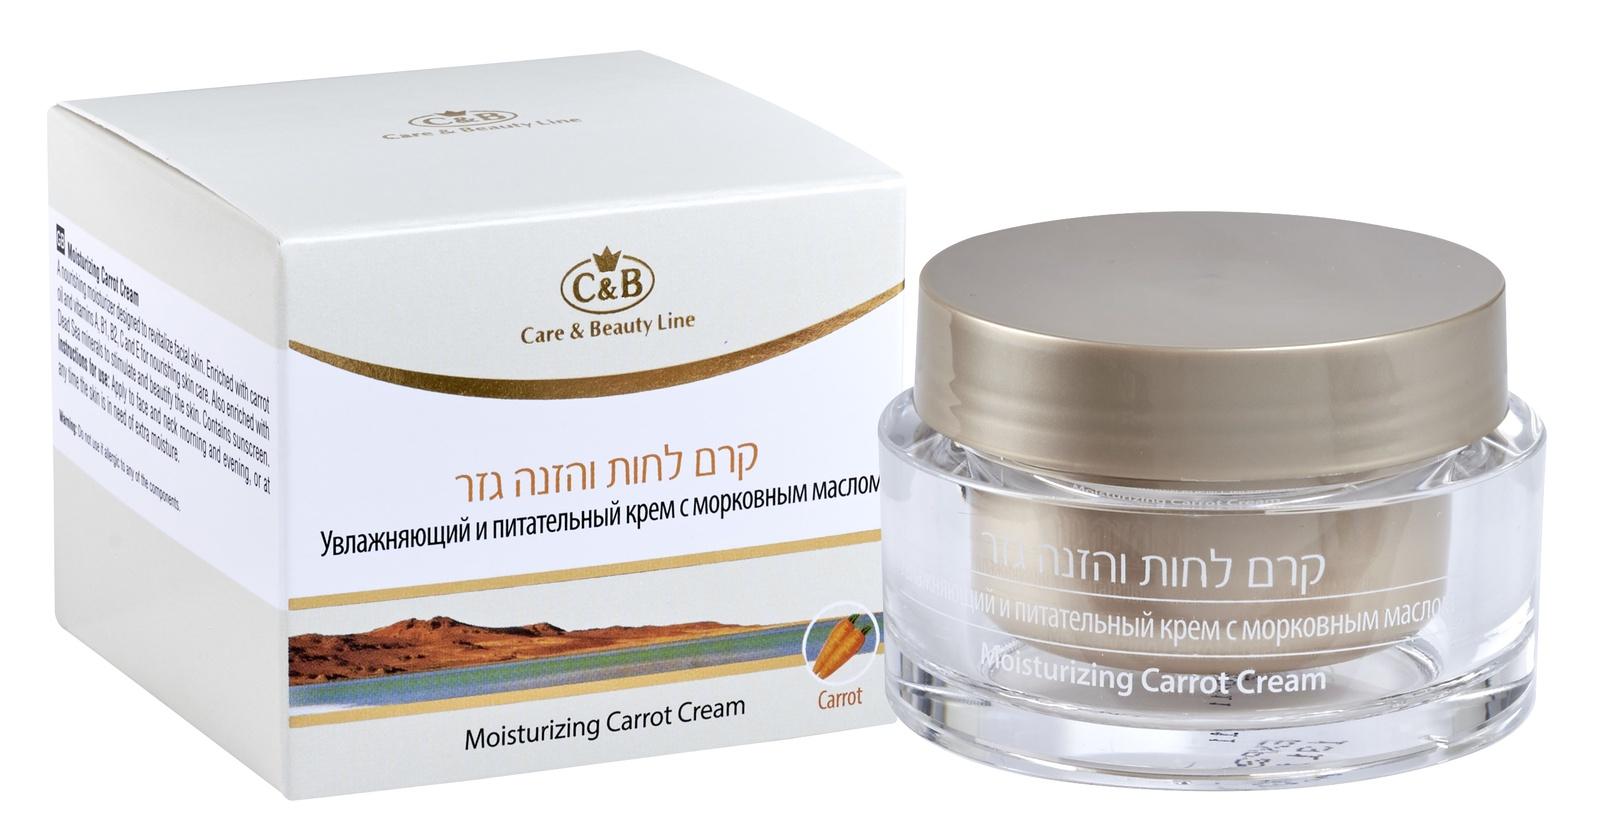 Увлажняющий и питательный крем с морковным маслом 50мл ТМ Care& Beauty Line Care& Beauty Line